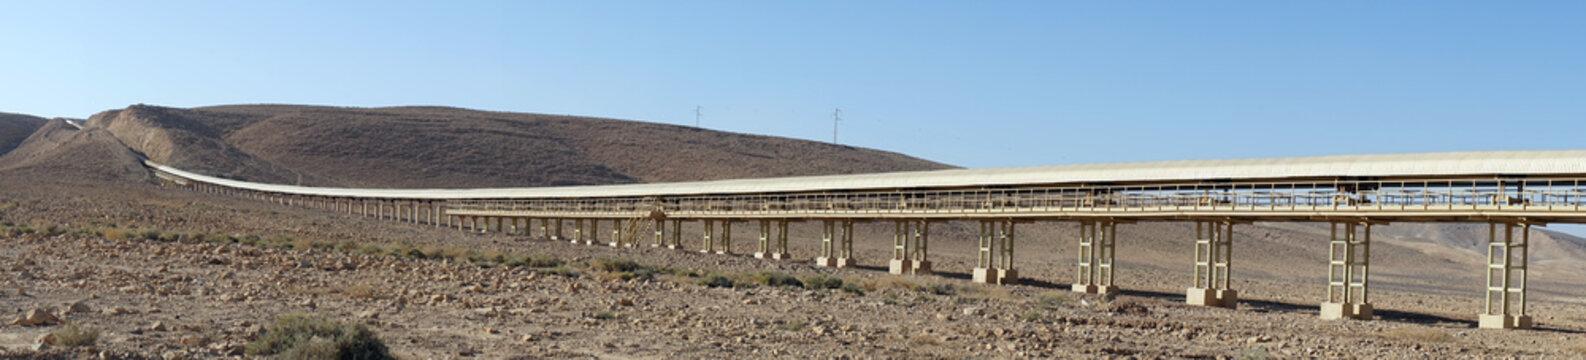 Long conveyor